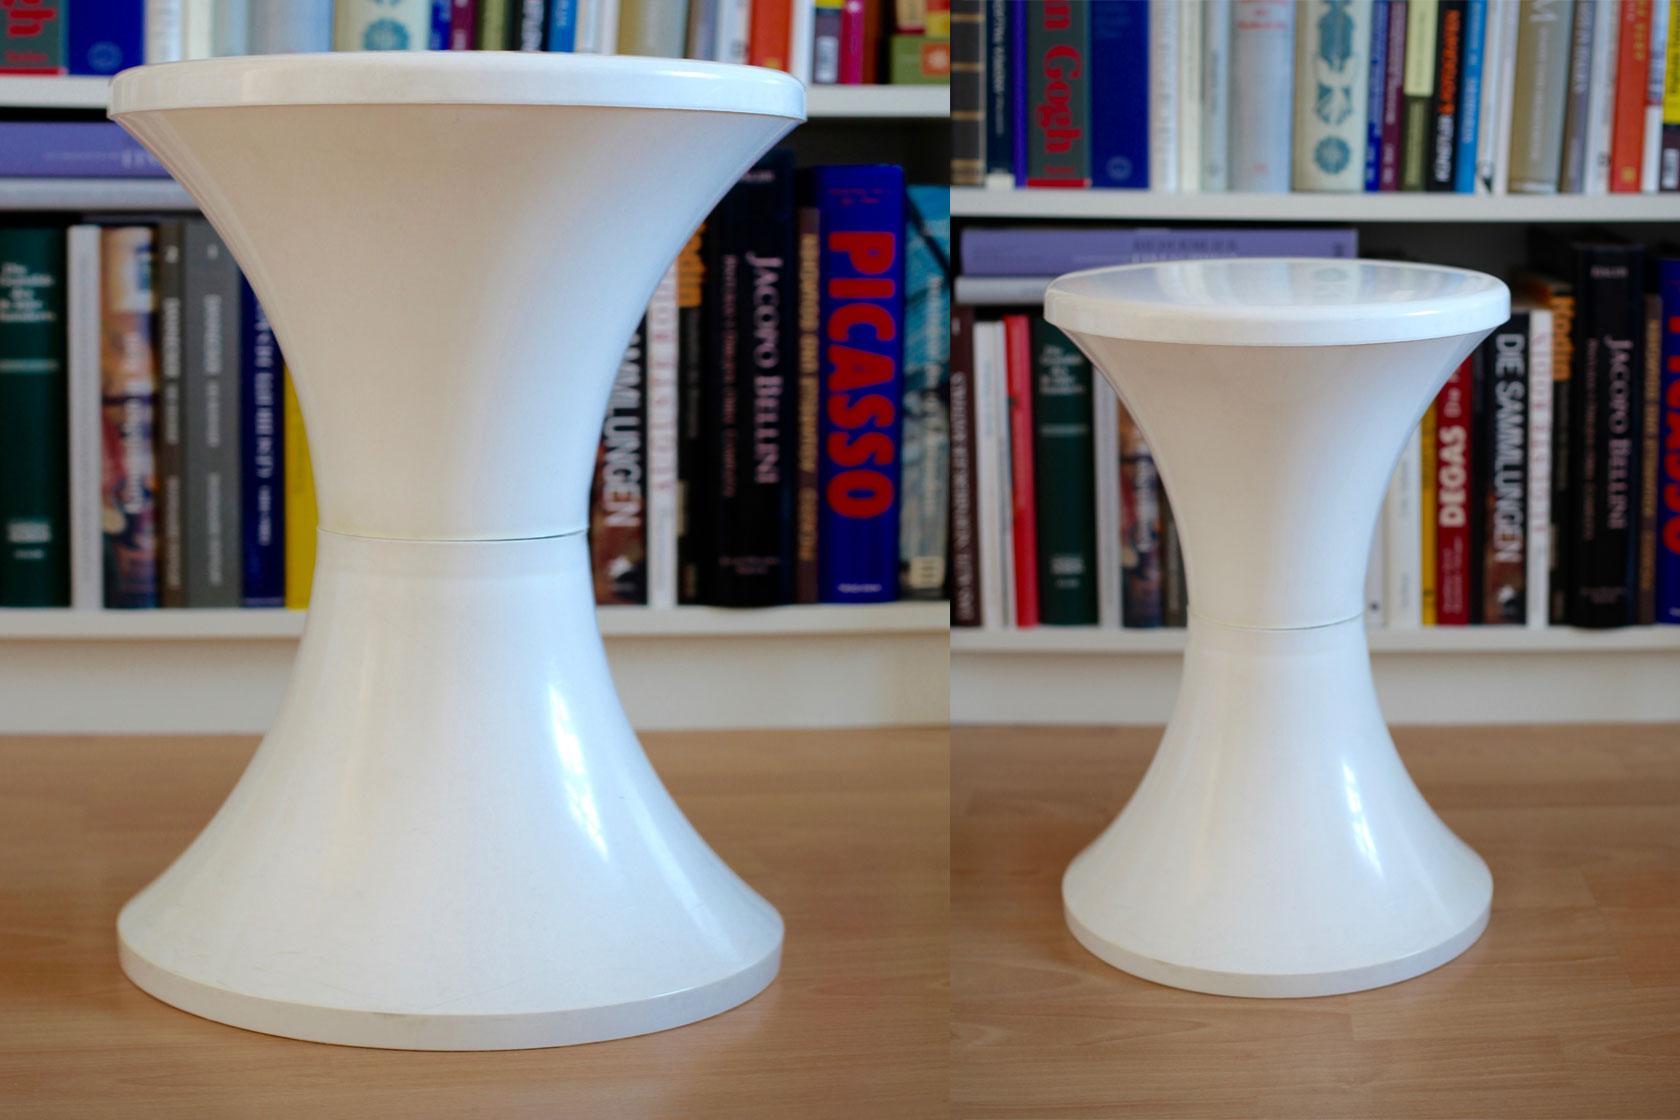 kunststoffhocker aus den 60er jahren raumwunder vintage wohnen in n rnberg. Black Bedroom Furniture Sets. Home Design Ideas